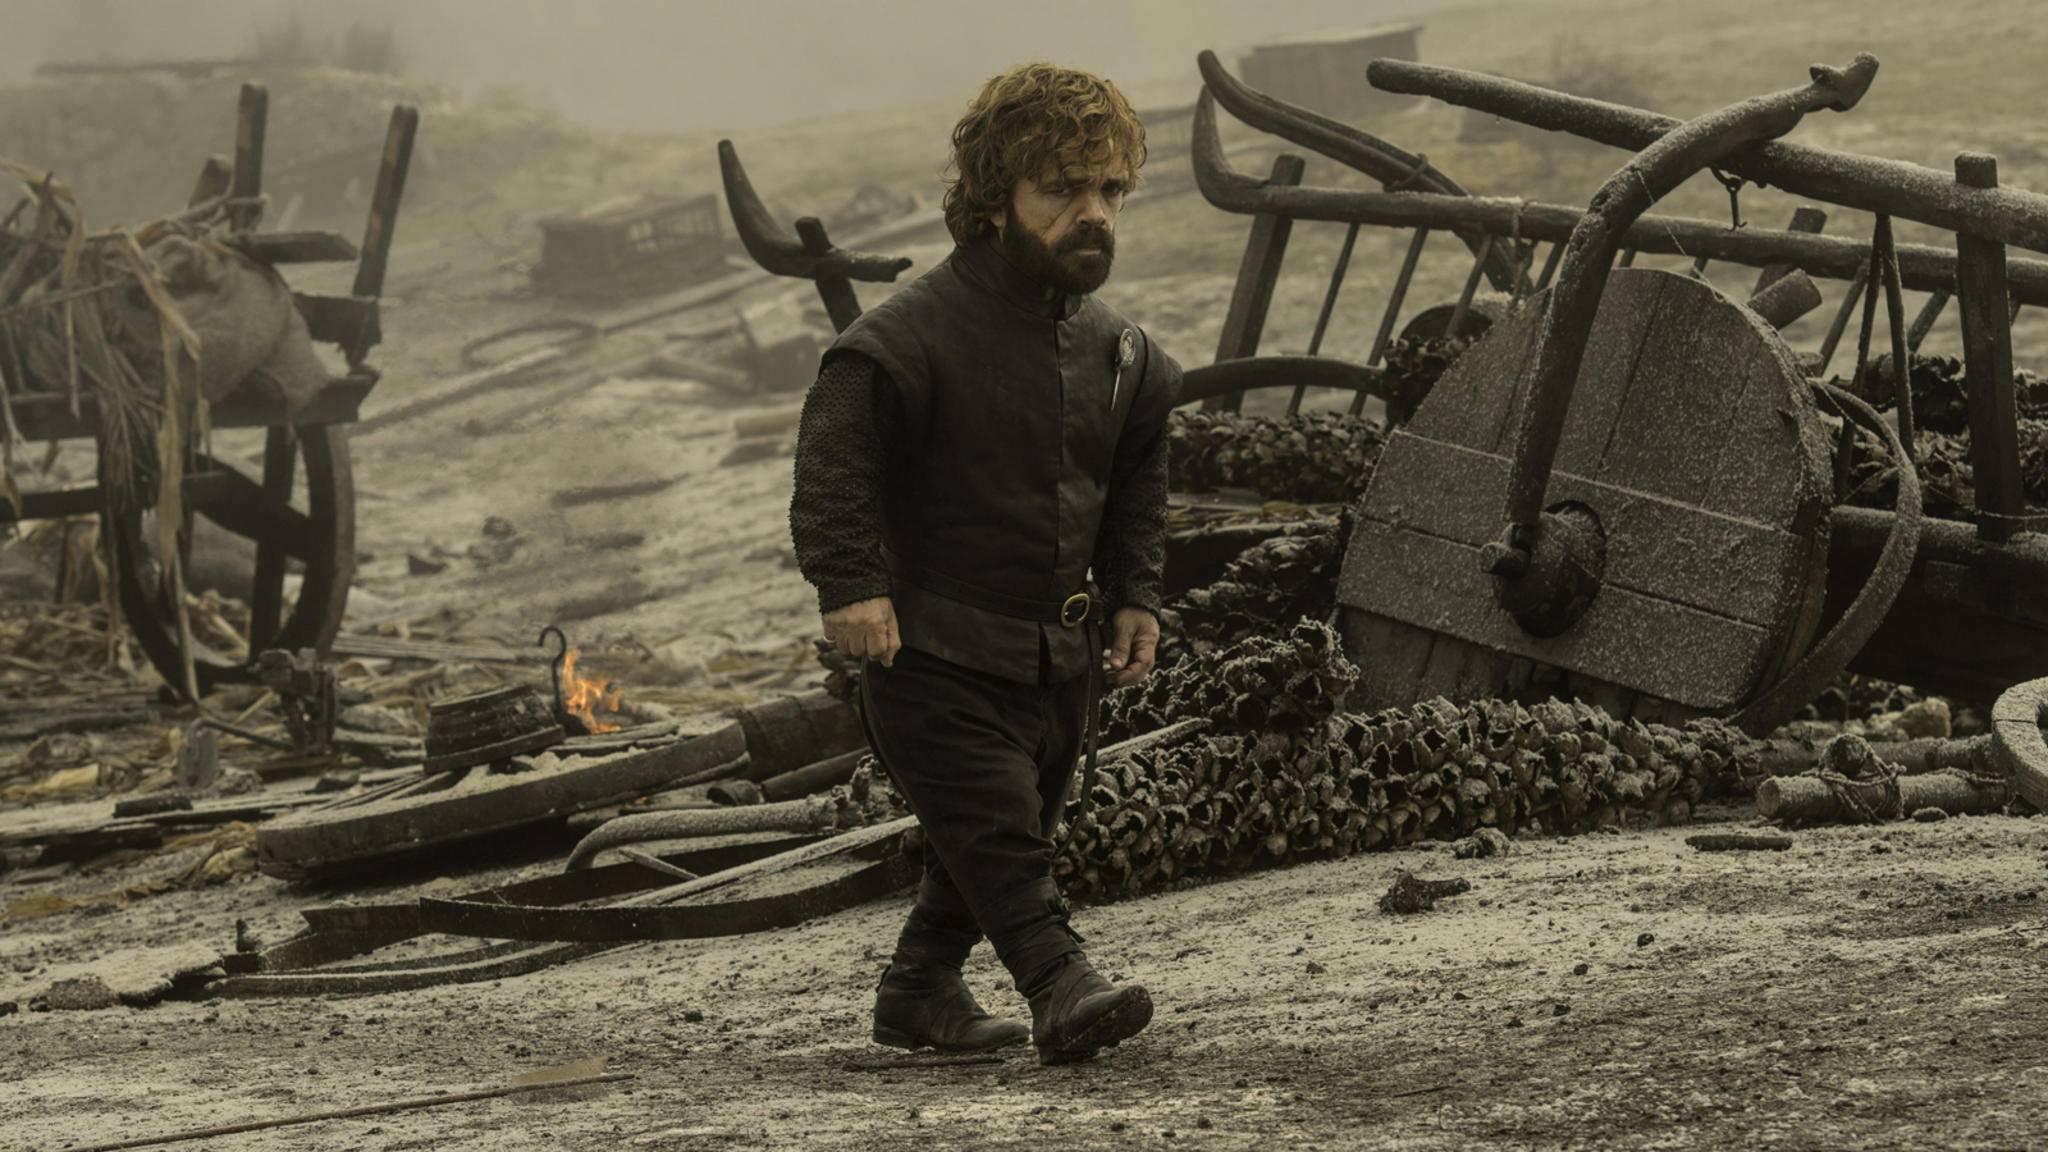 Tyrion wandert nach dem Drachenangriff über das Schlachtfeld – und wirkt immer skeptischer, was Daenerys angeht.